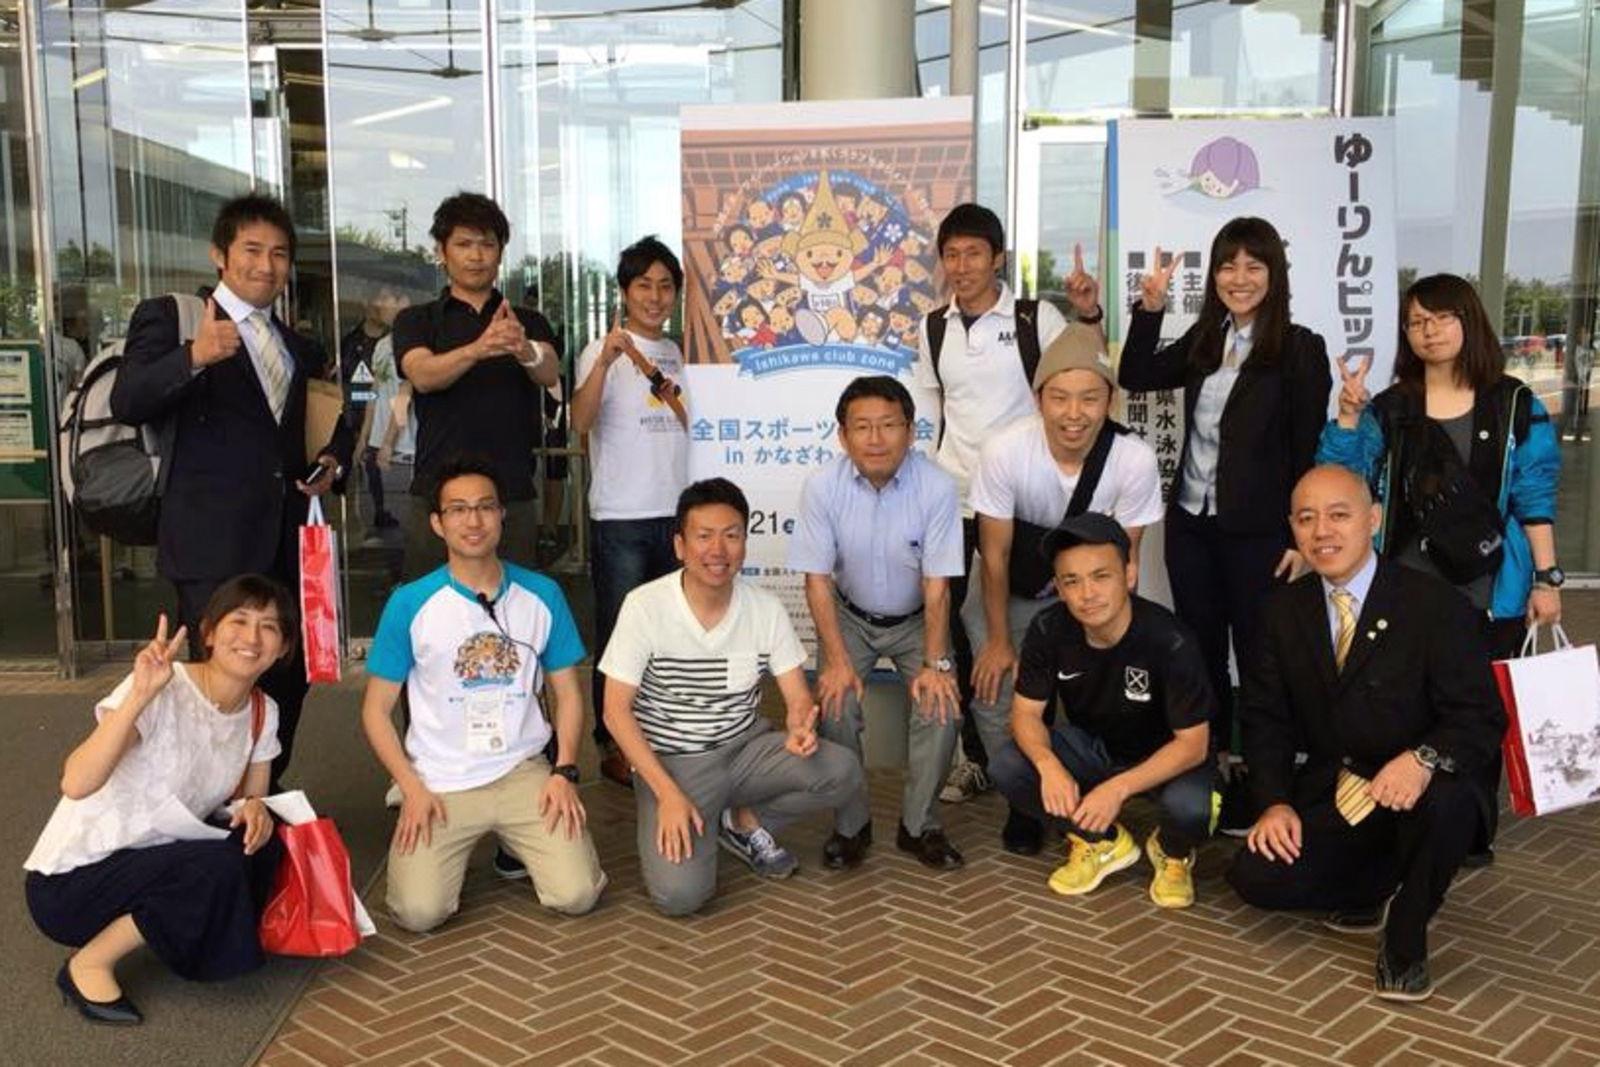 石川県で行われた「全国スポーツクラブ会議」に河野正和町長とともに参戦。行政と民間が一体となってPRプレゼンを行い、15を越える地域で開催されることが見込まれています(H28年8月末現在)